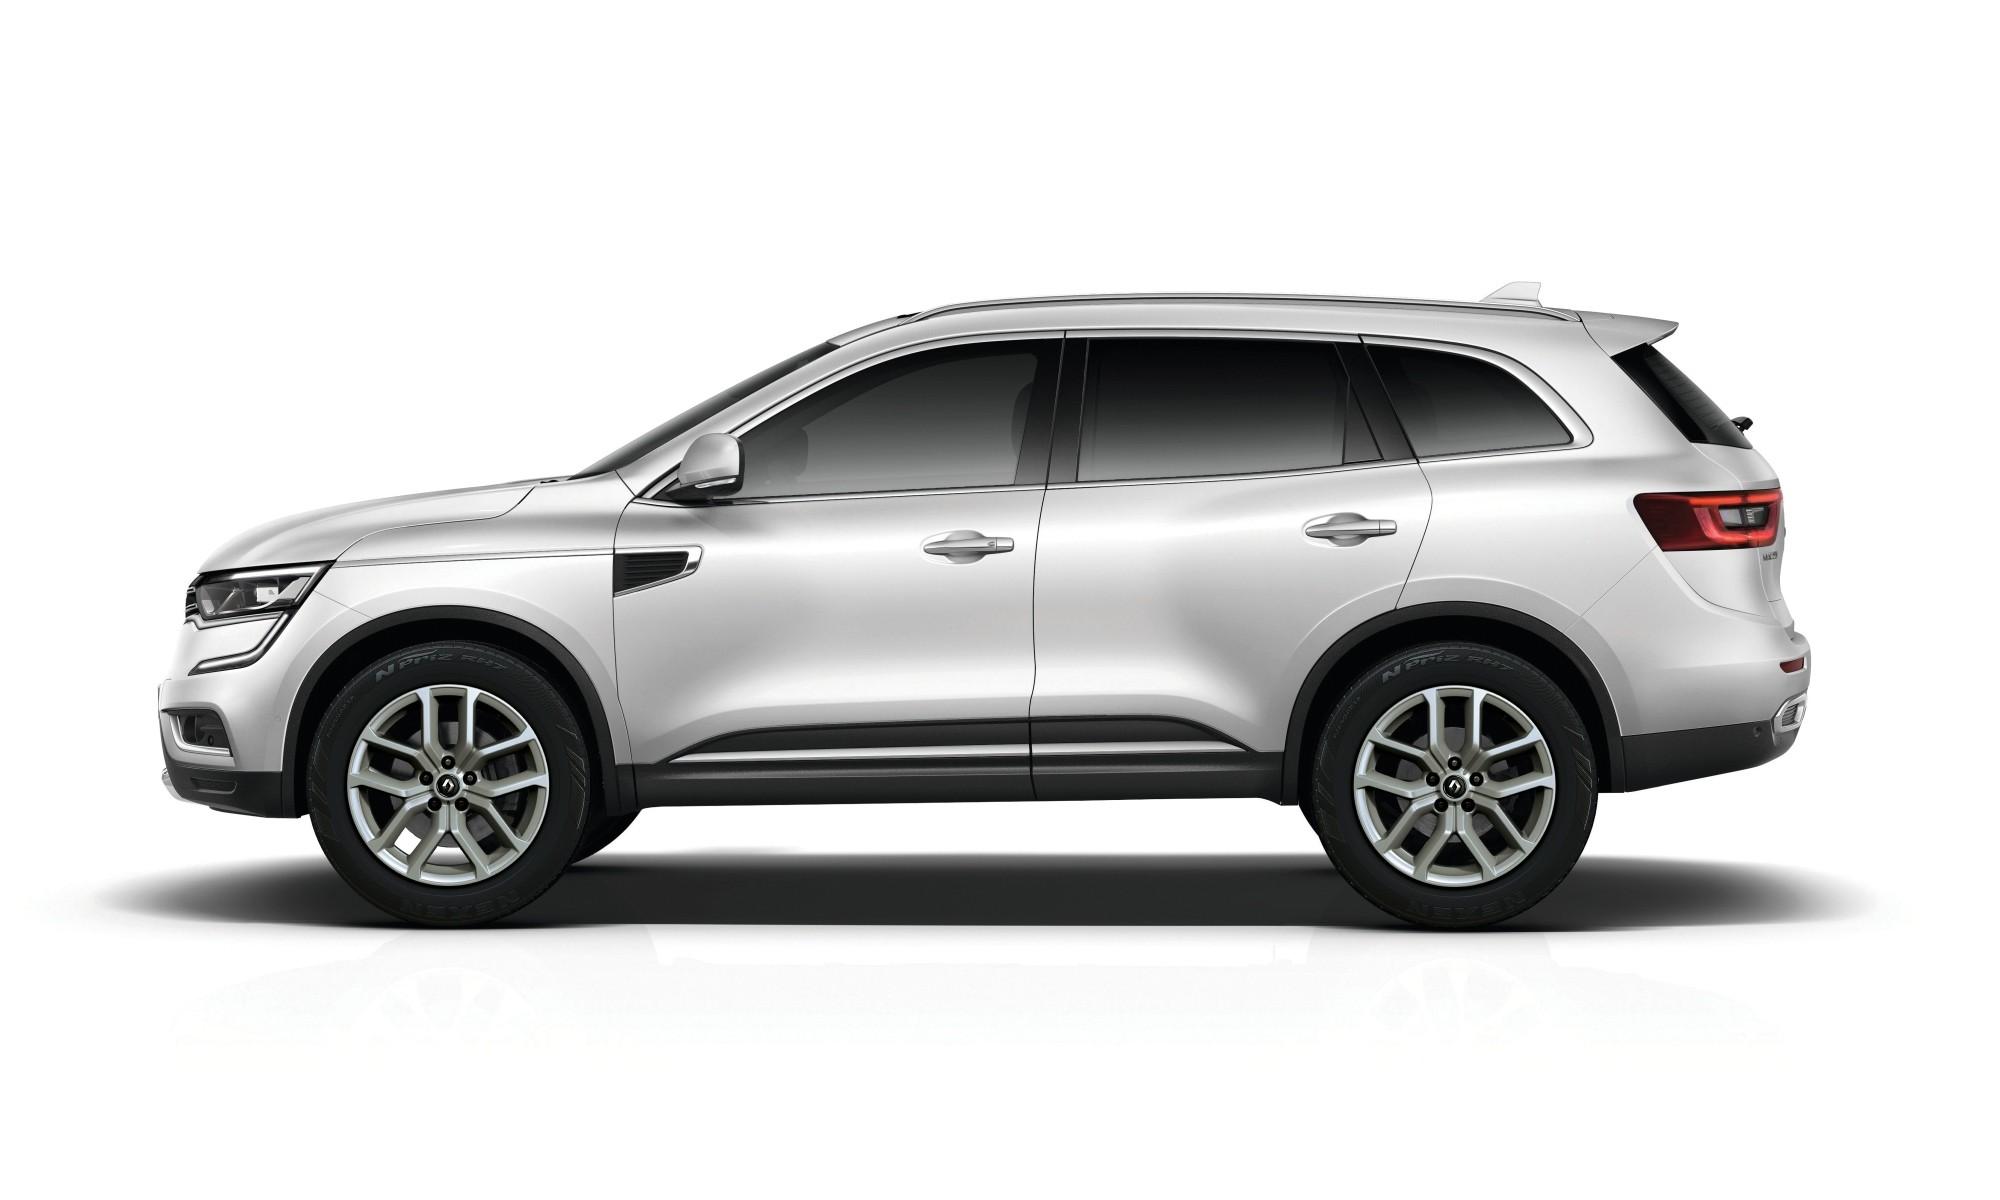 Renault Koleos profile